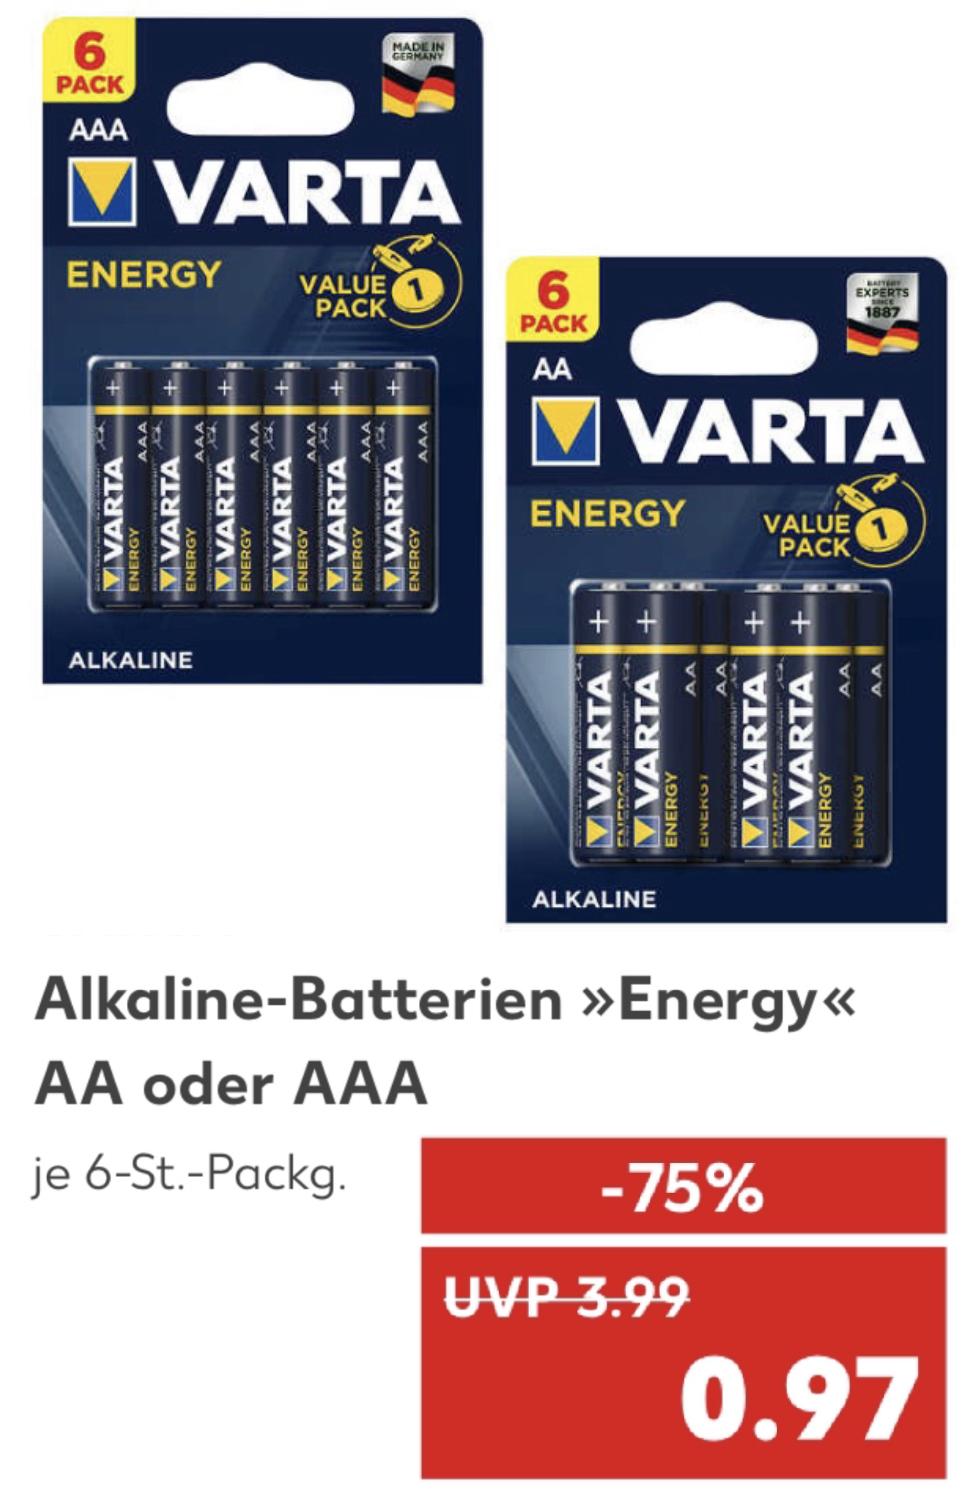 VARTA Energy Alkaline Batterien 6 Stück Packung Mignon AA o. Micro AAA für je 0,97€